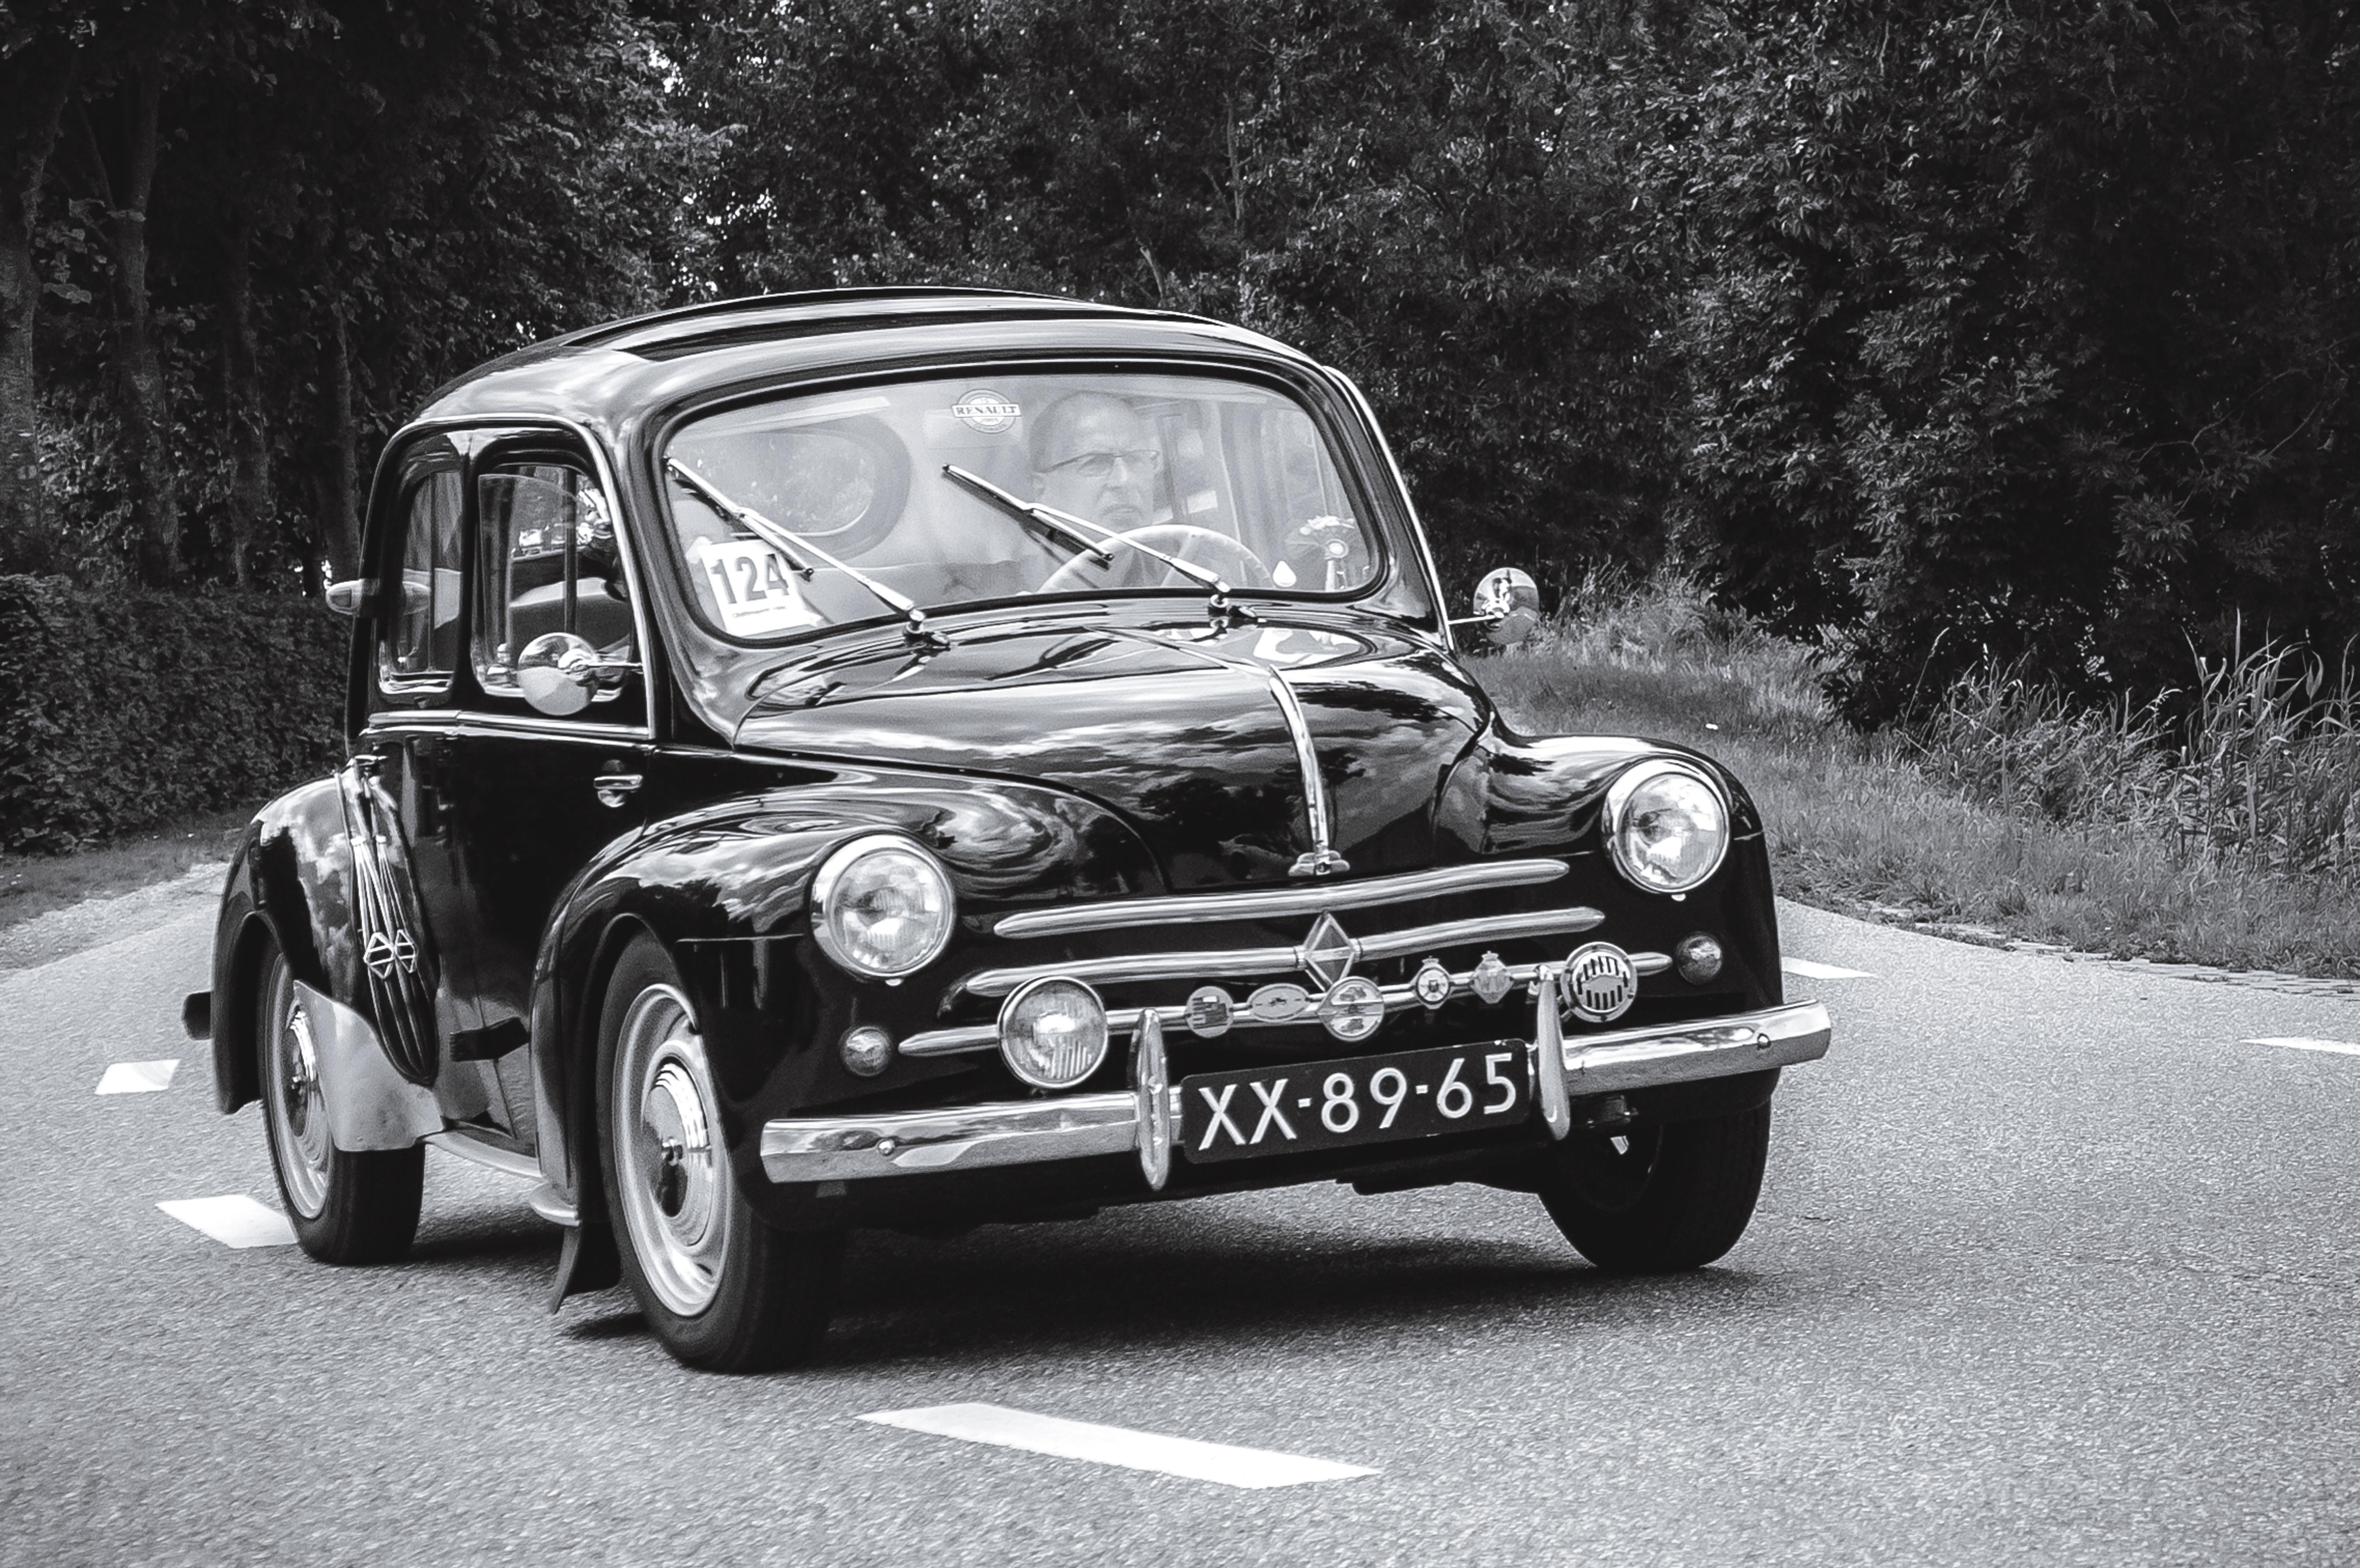 fond d u0026 39  u00e9cran   v u00e9hicule  u00e0 moteur  noir et blanc  renault